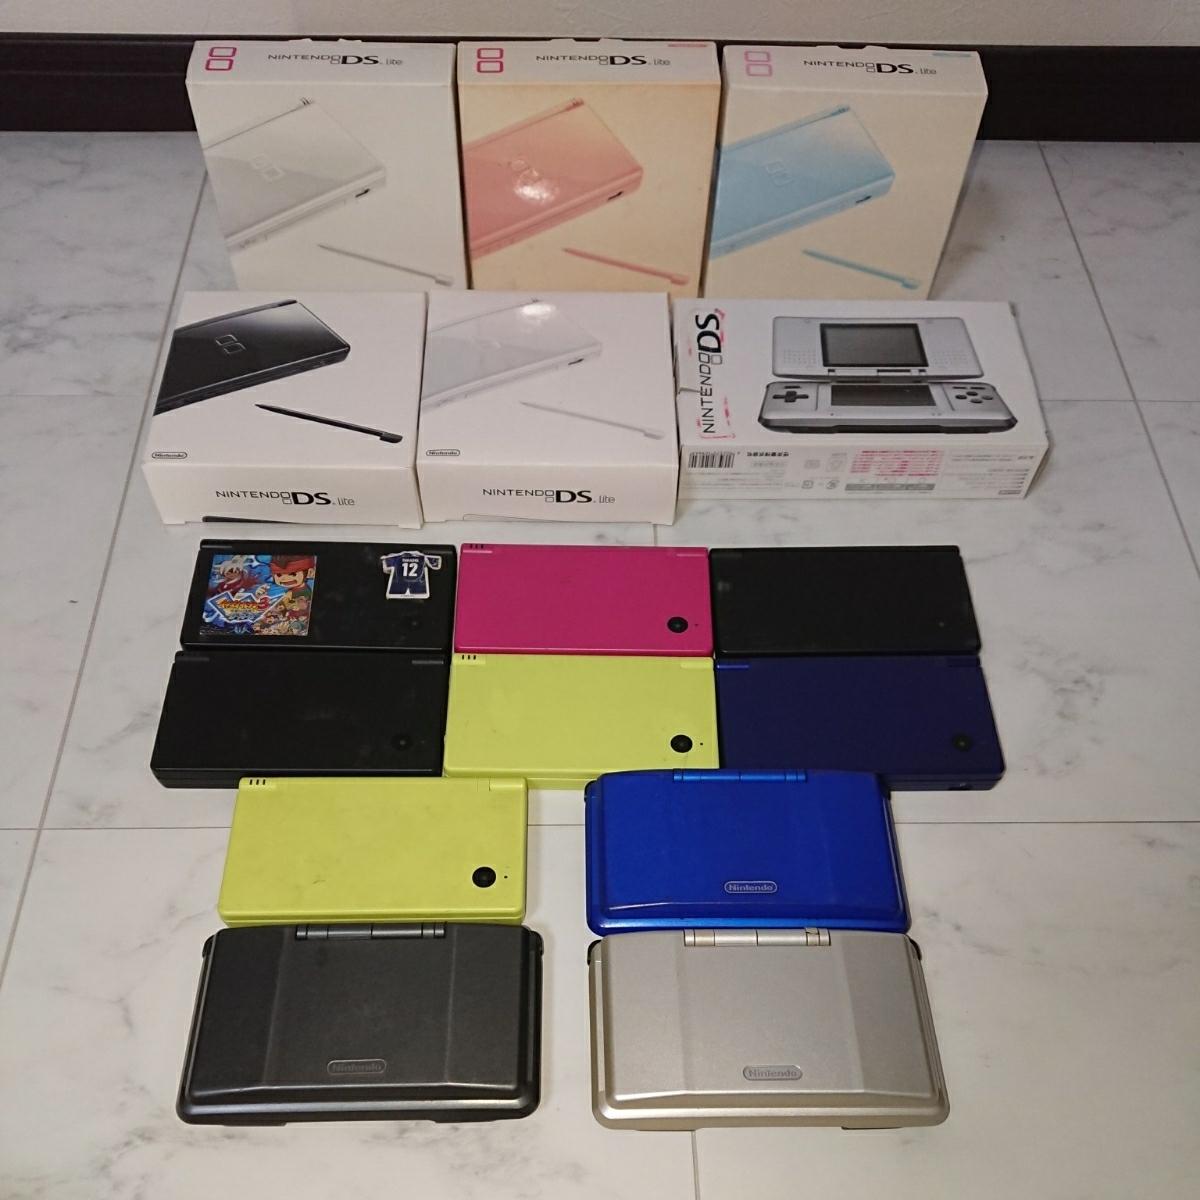 ニンテンドー 携帯ゲーム機 動作未確認ジャンク品まとめ売り 16台 DSLiteなど